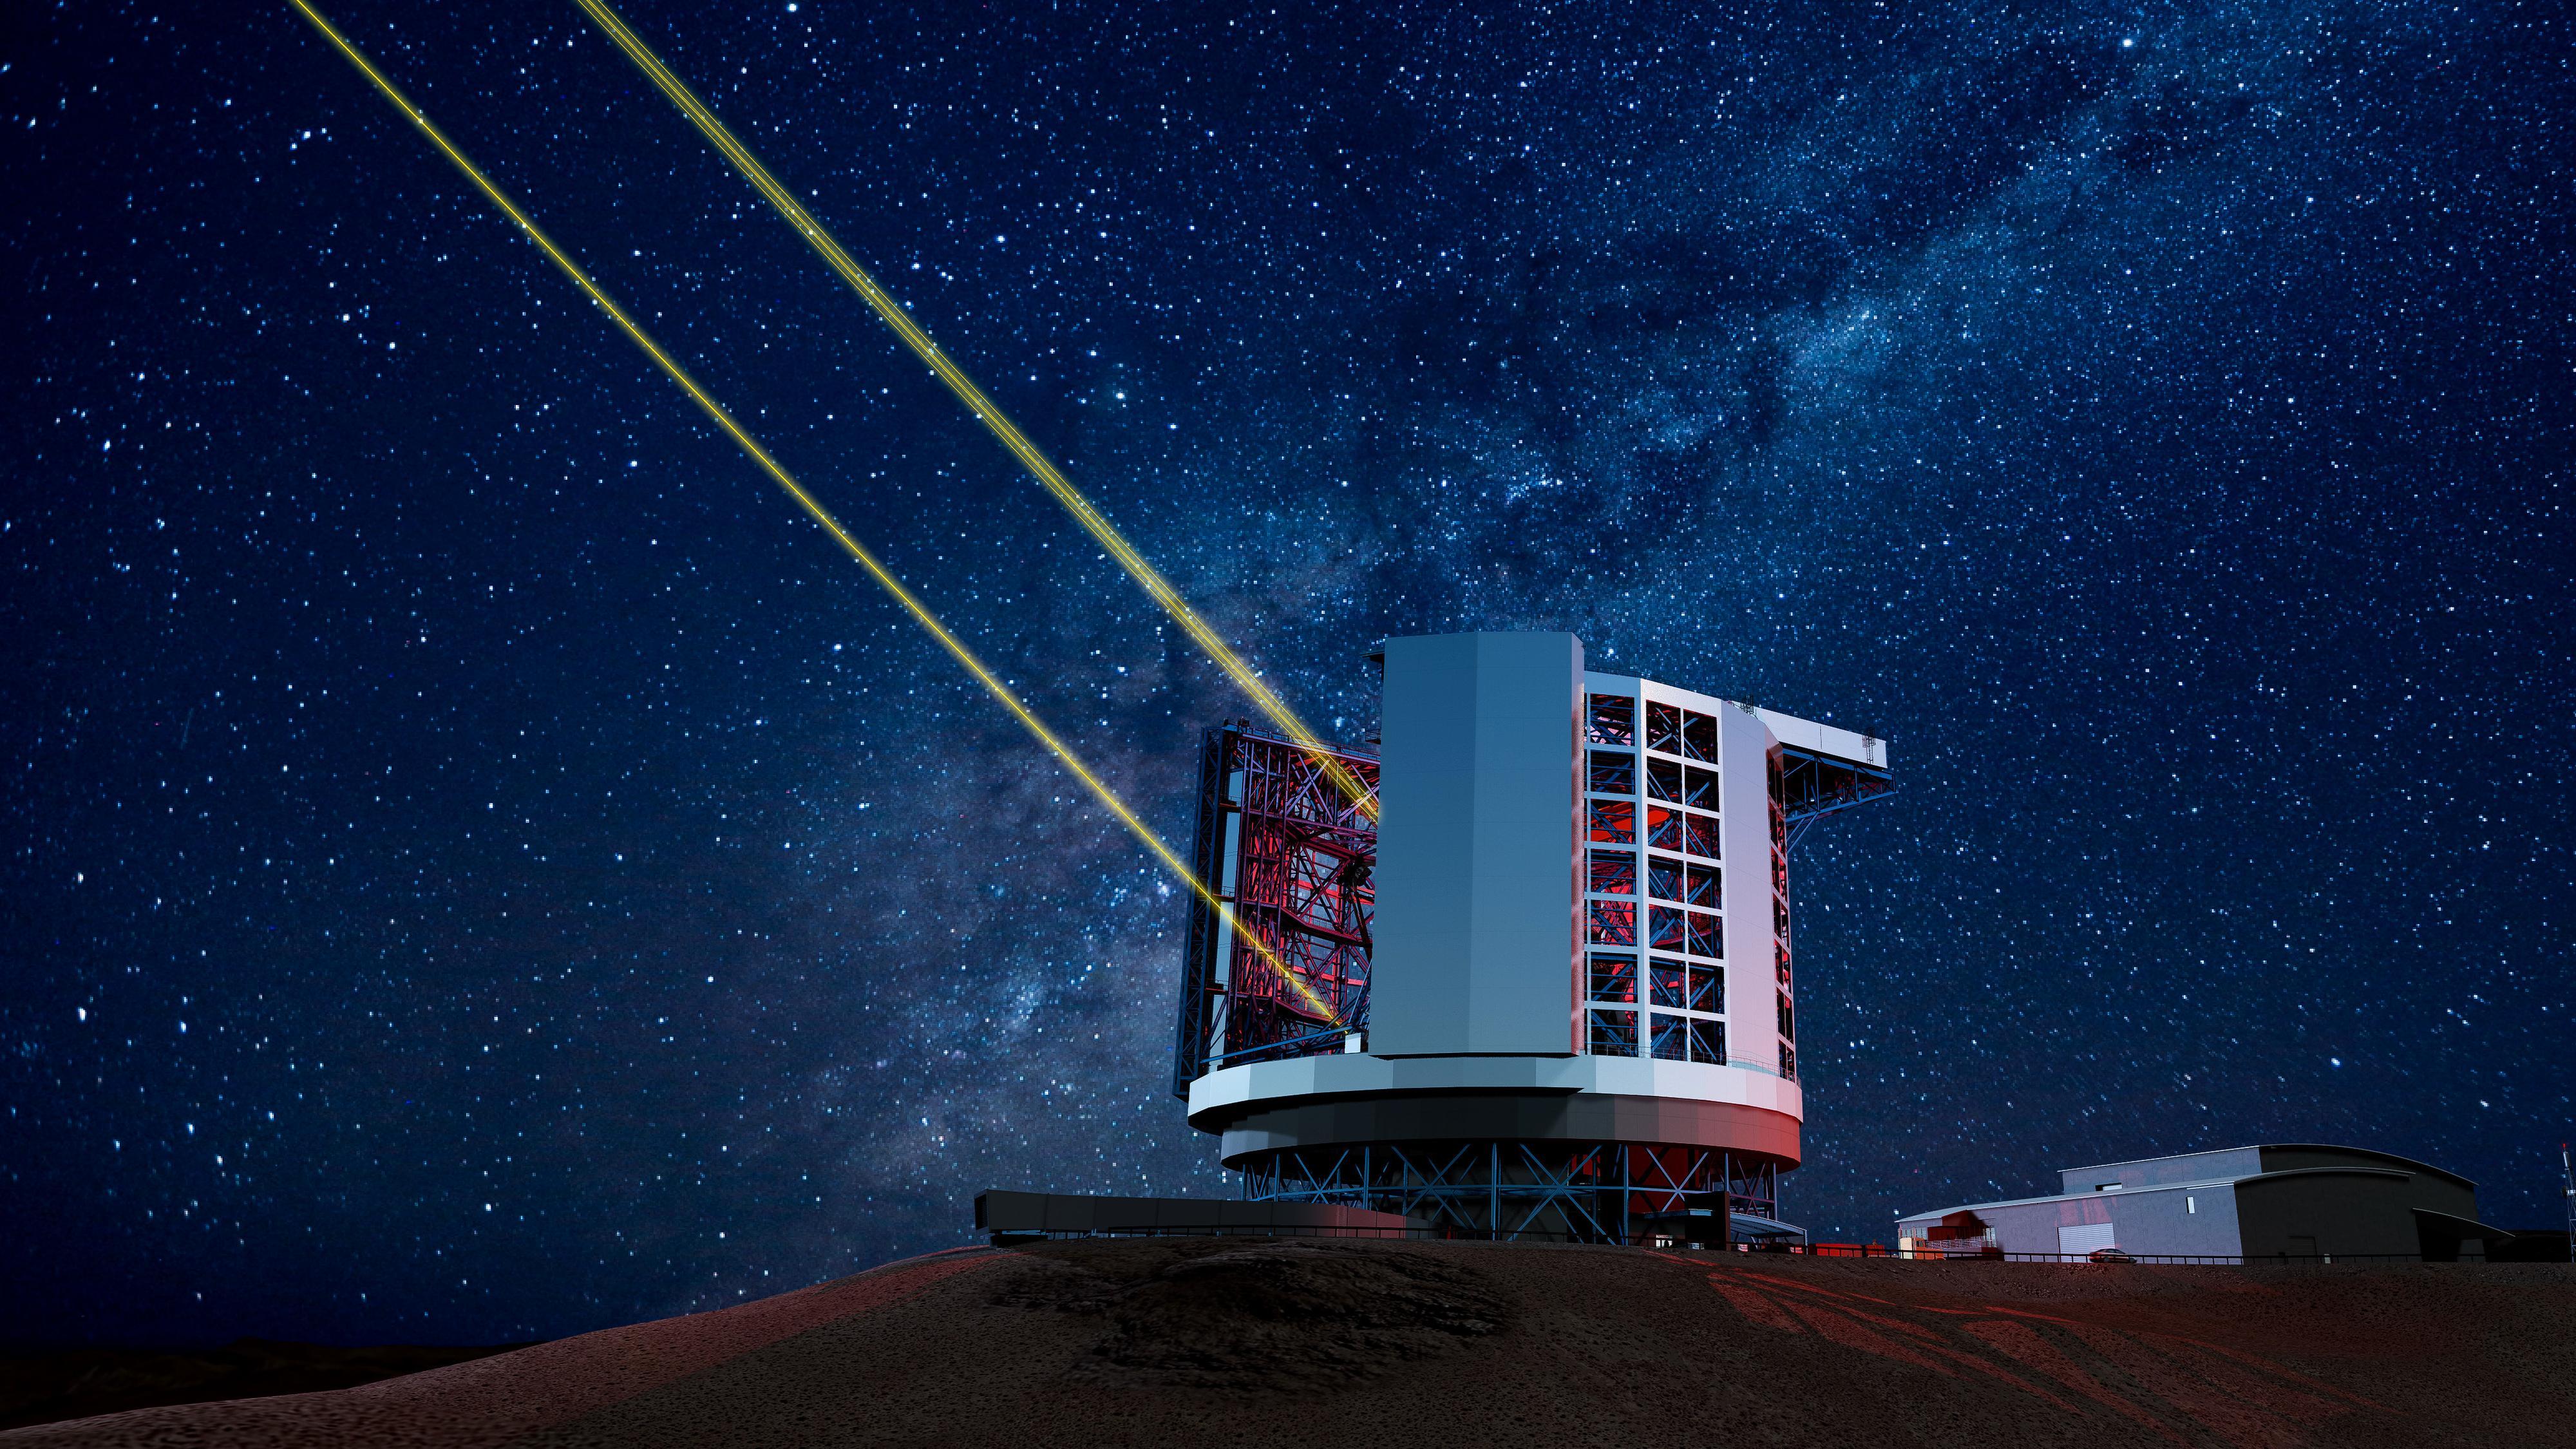 Dette gigantteleskopet skal avdekke universets mysterier